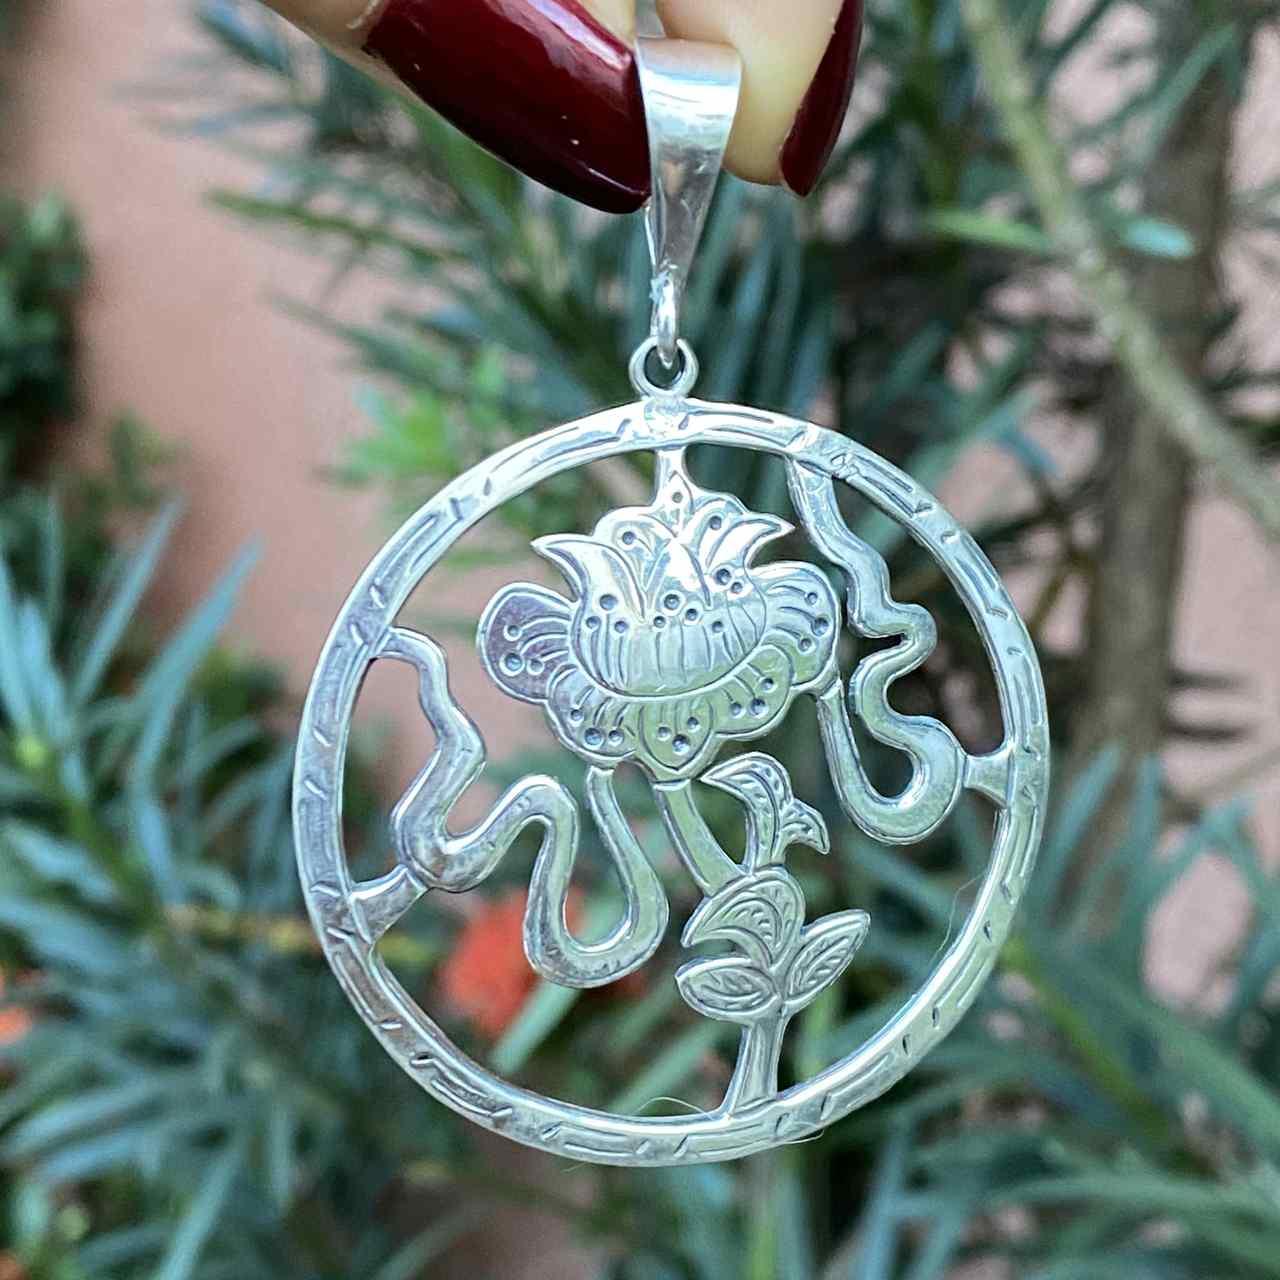 Pingente de Prata 925 Mandala Vazado com Flor de Lótus